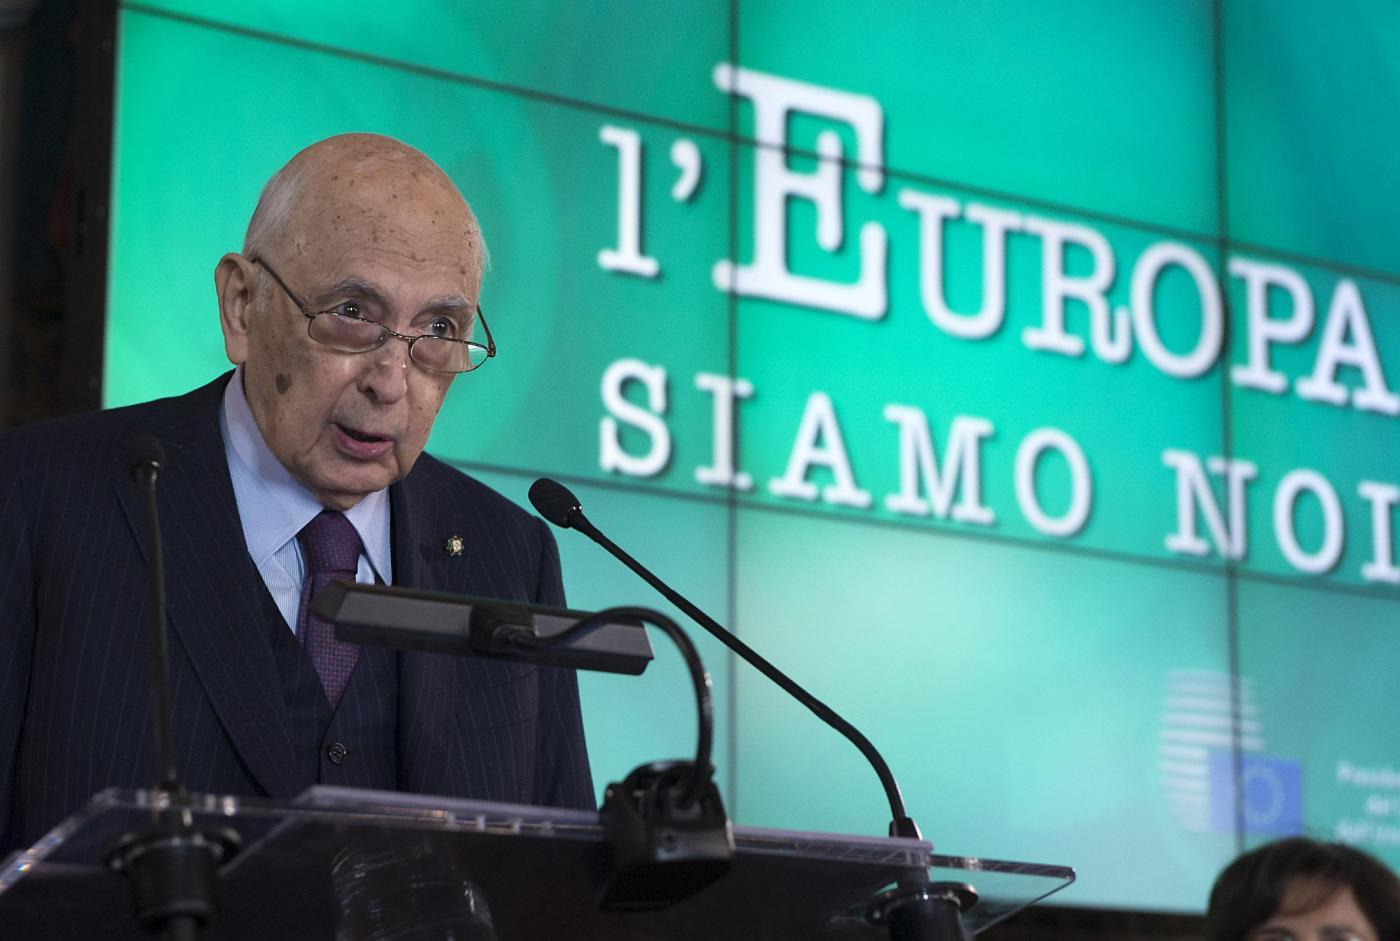 Stato-mafia: Il giorno dell'interrogatorio di Giorgio Napolitano